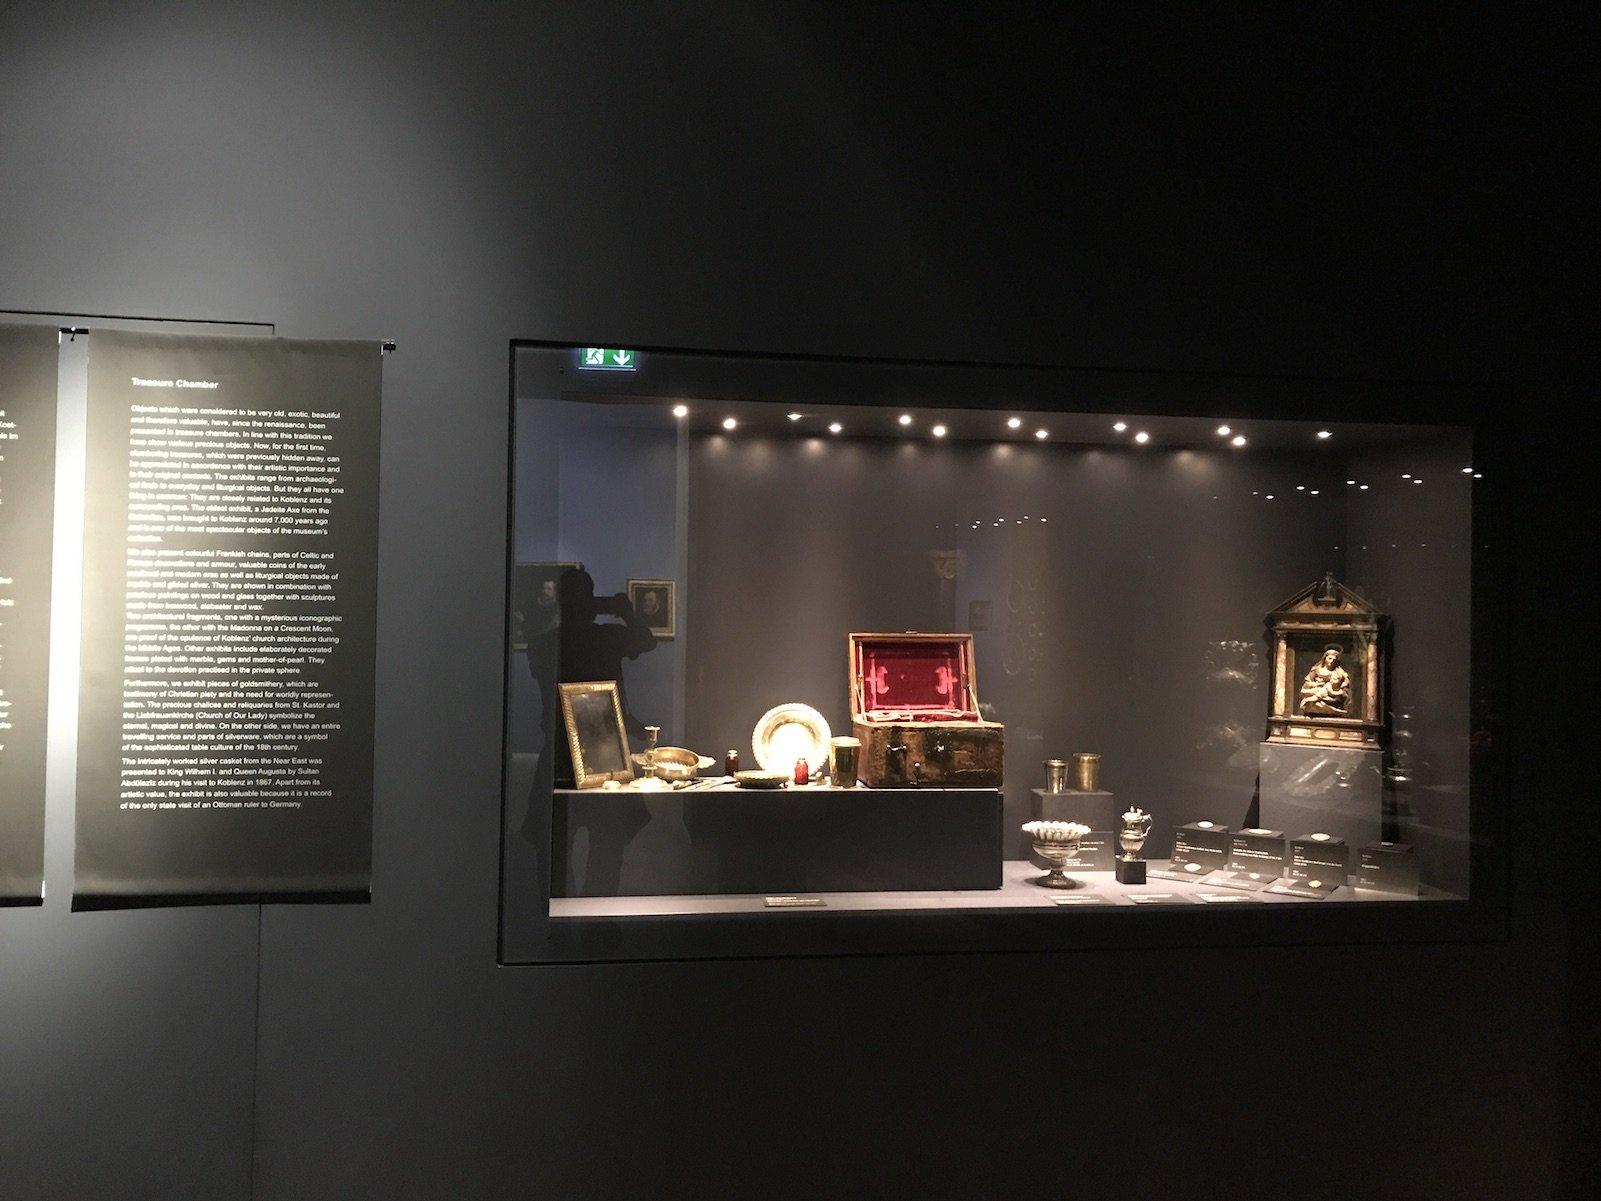 Eine Vitrine in der Schatzkammer des Mittelrhein-Museums